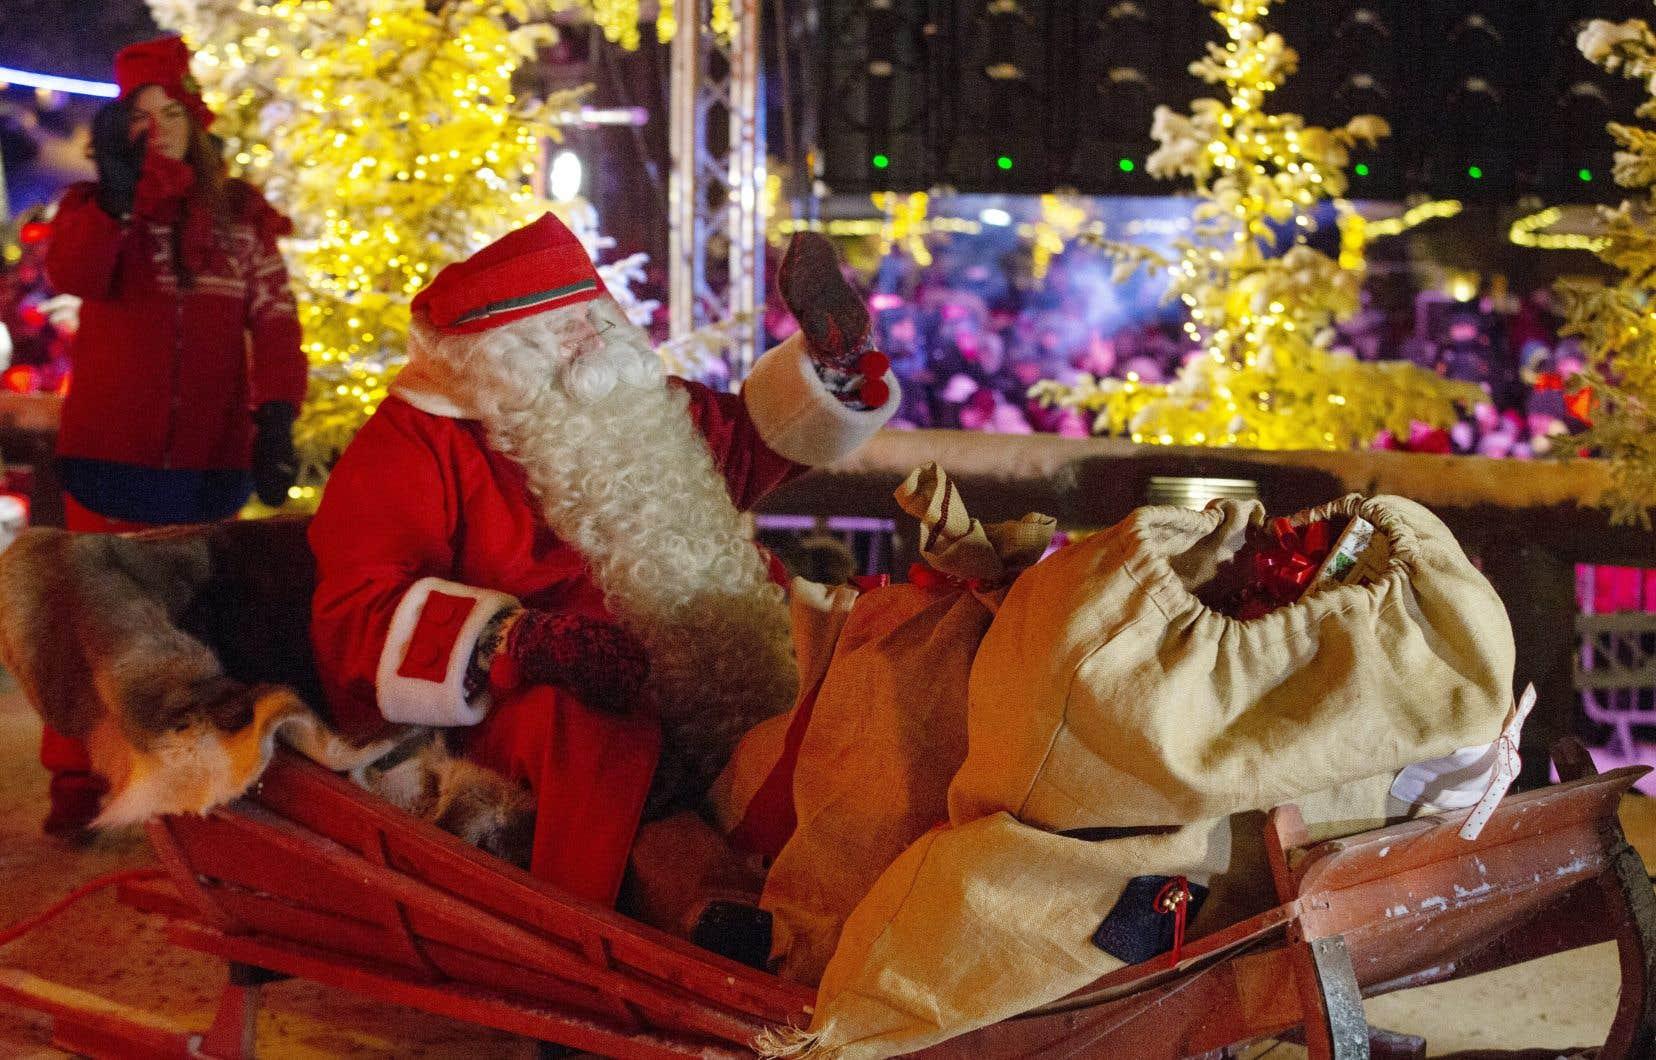 Plus rapide encore que les F-15 de l'US Air Force, le Père Noël avait déjà distribué à 16H00 GMT plus d'un milliard et demi de cadeaux en Océanie et en Asie.